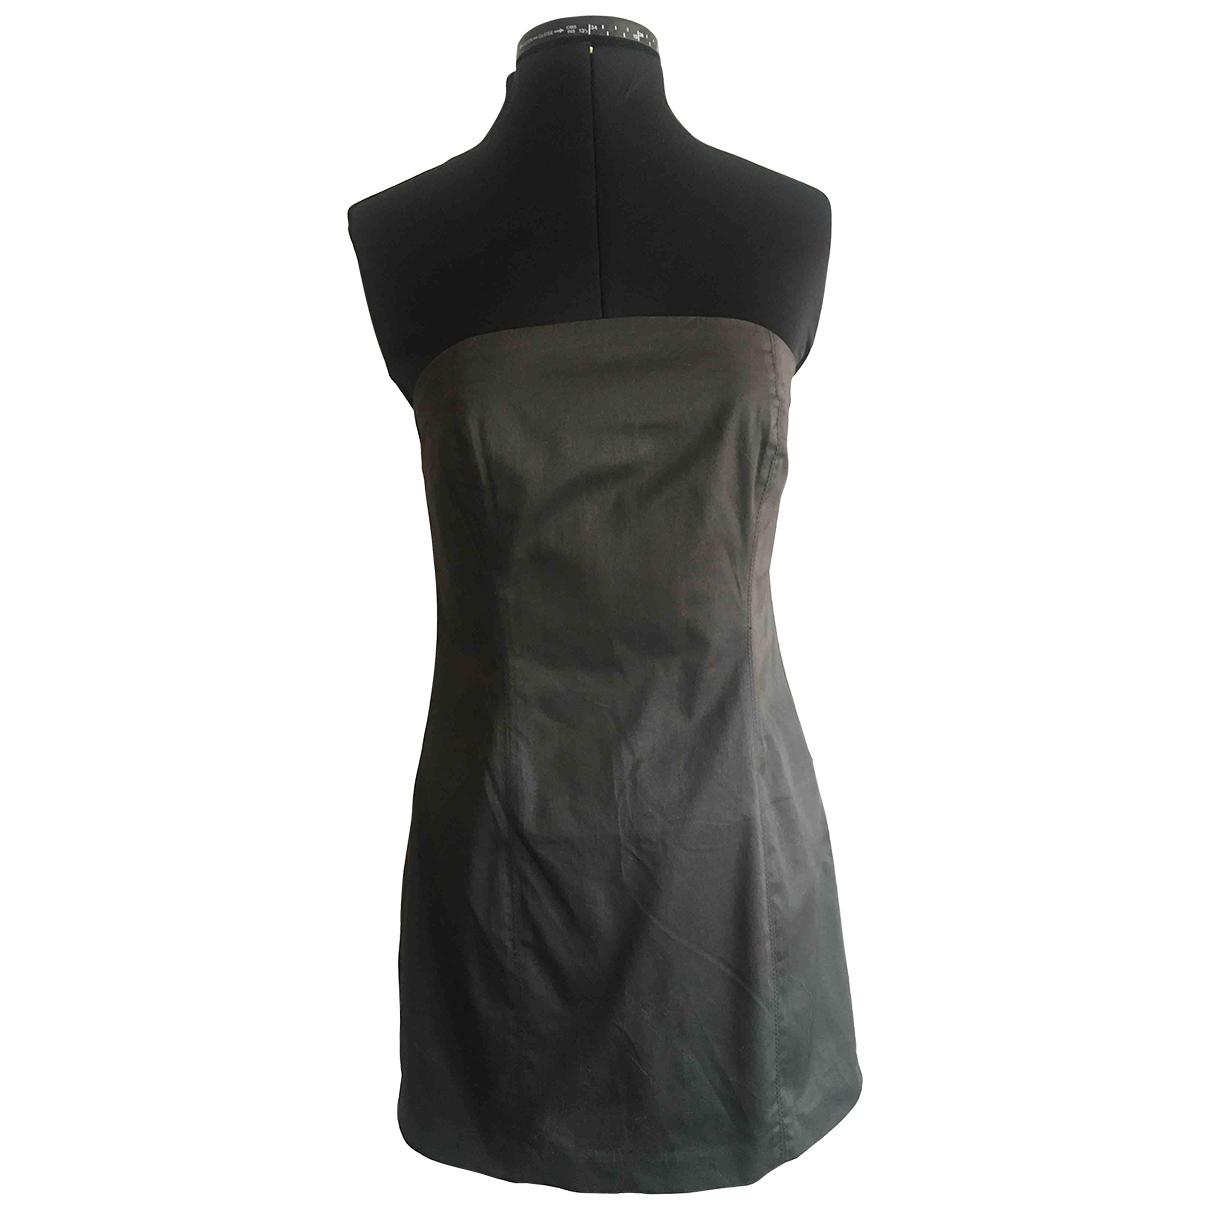 Mini vestido Twenty8twelve By S.miller